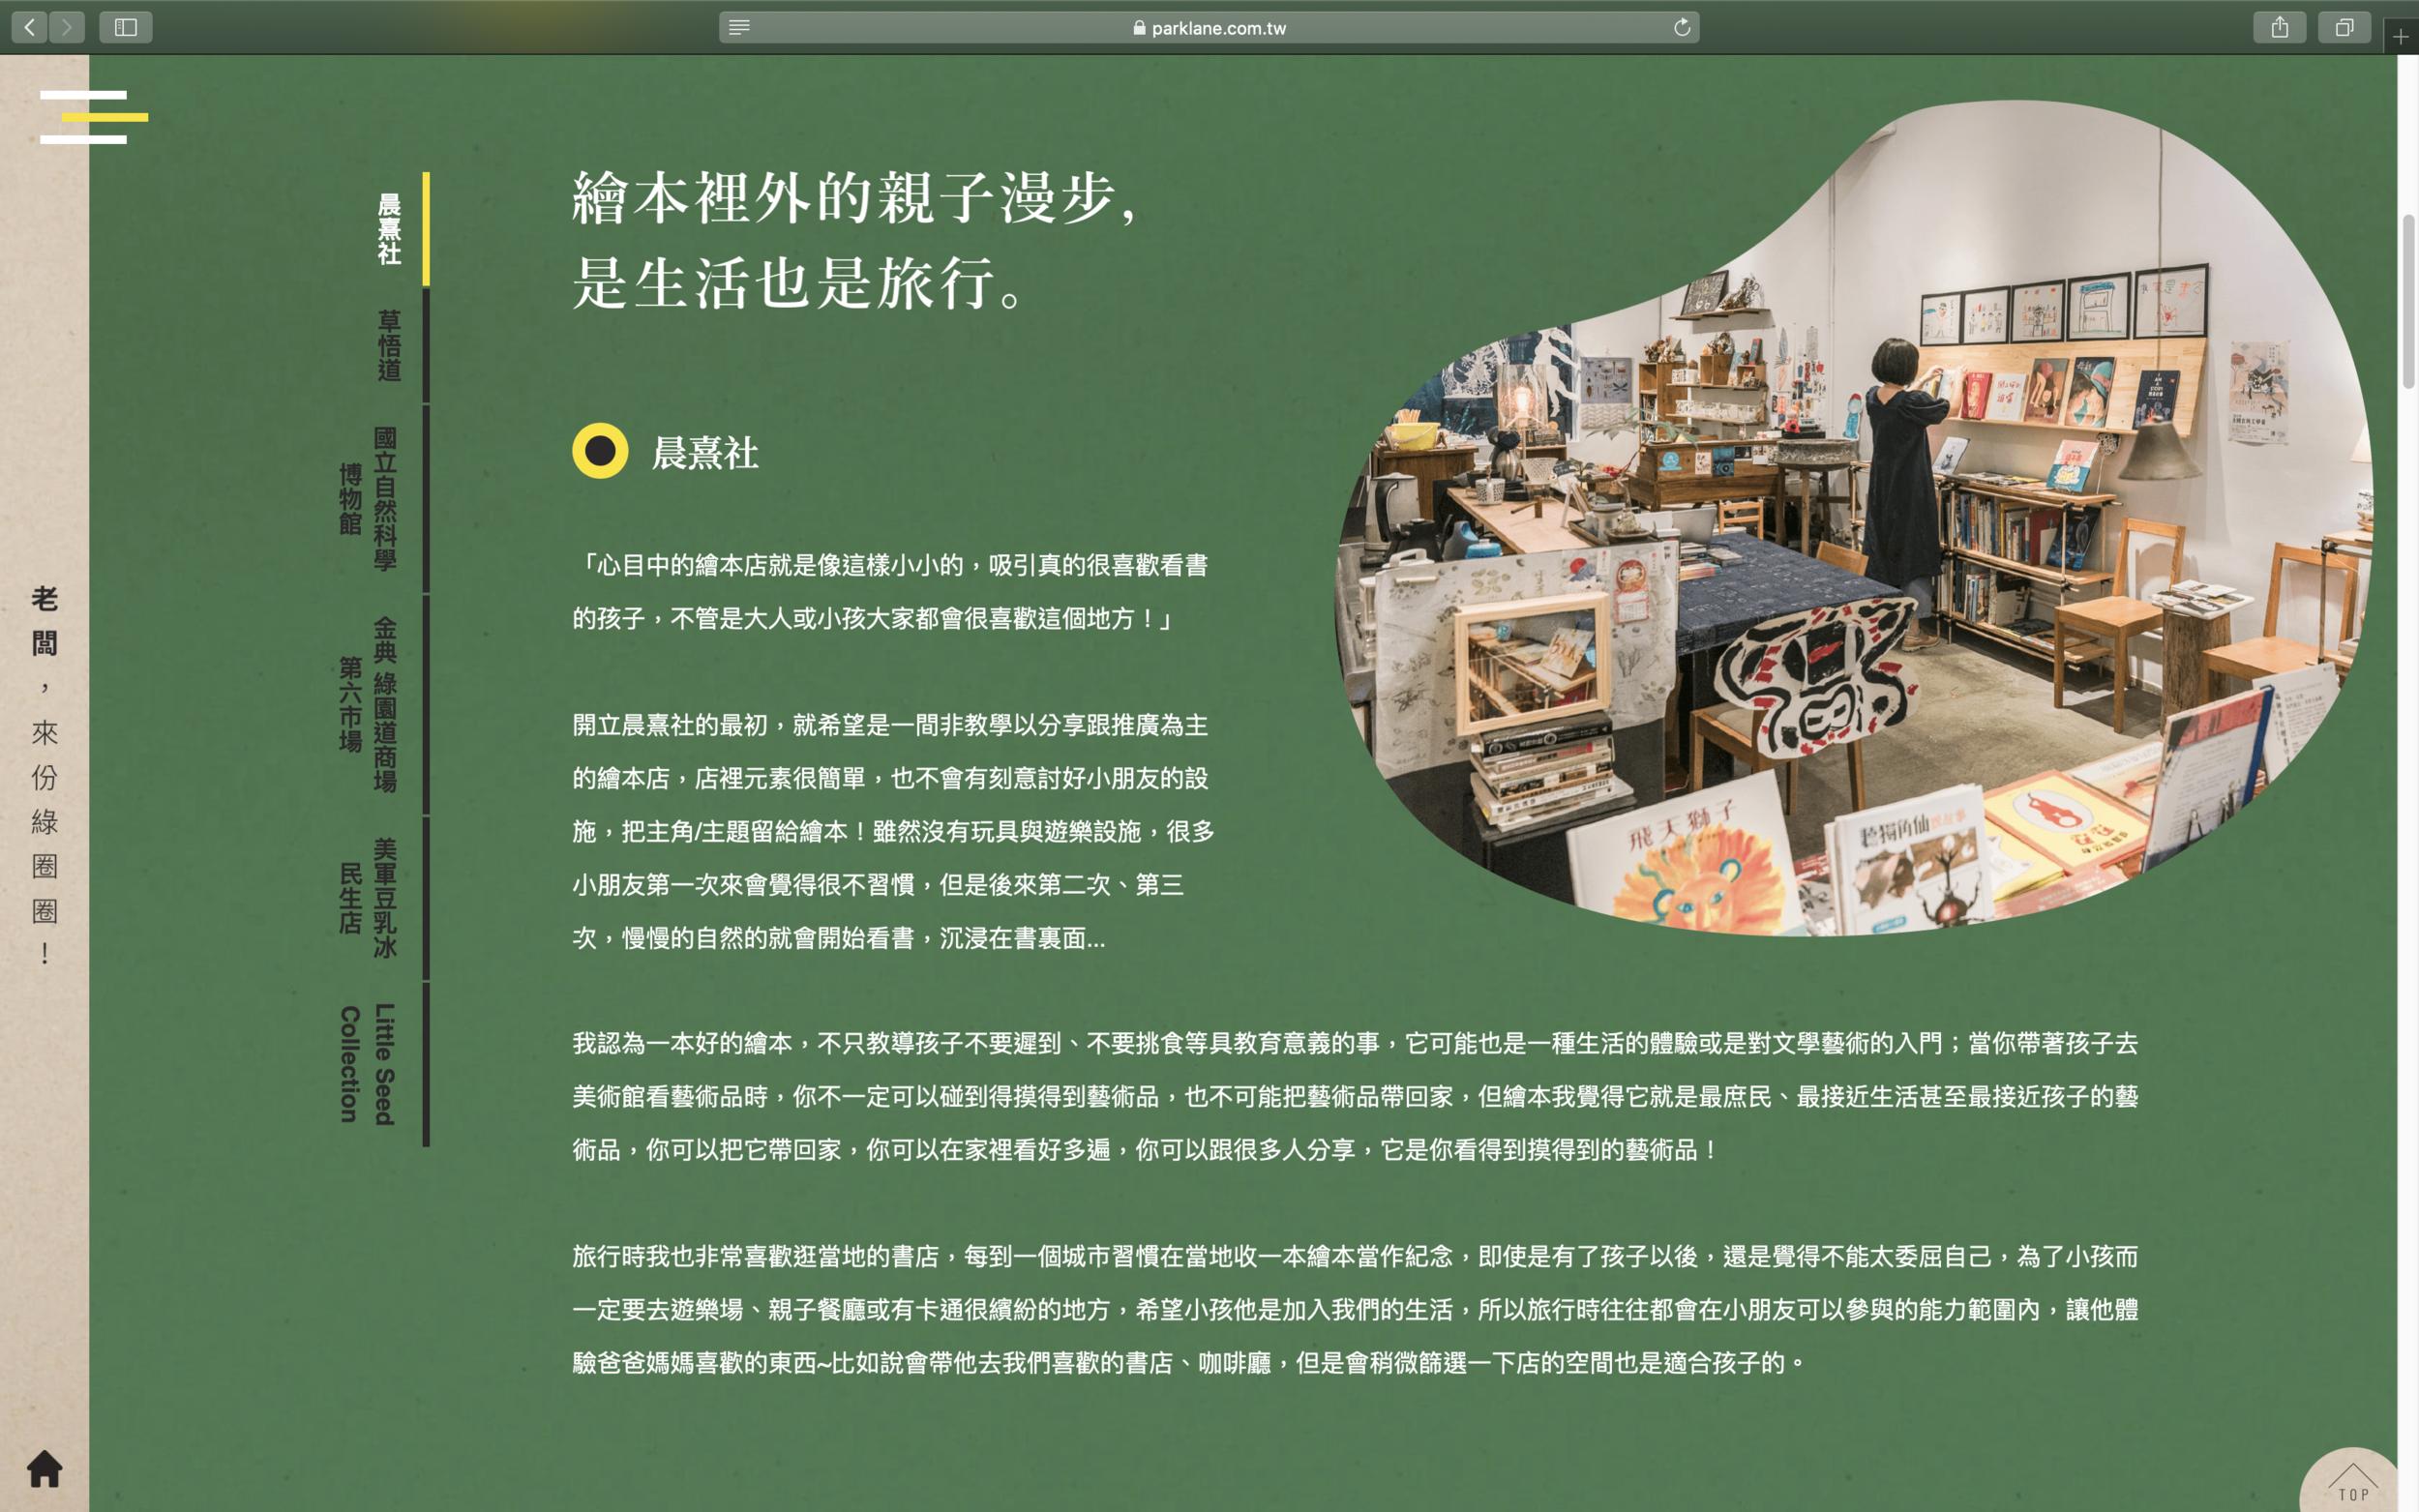 綠圈圈企劃_Web10.png